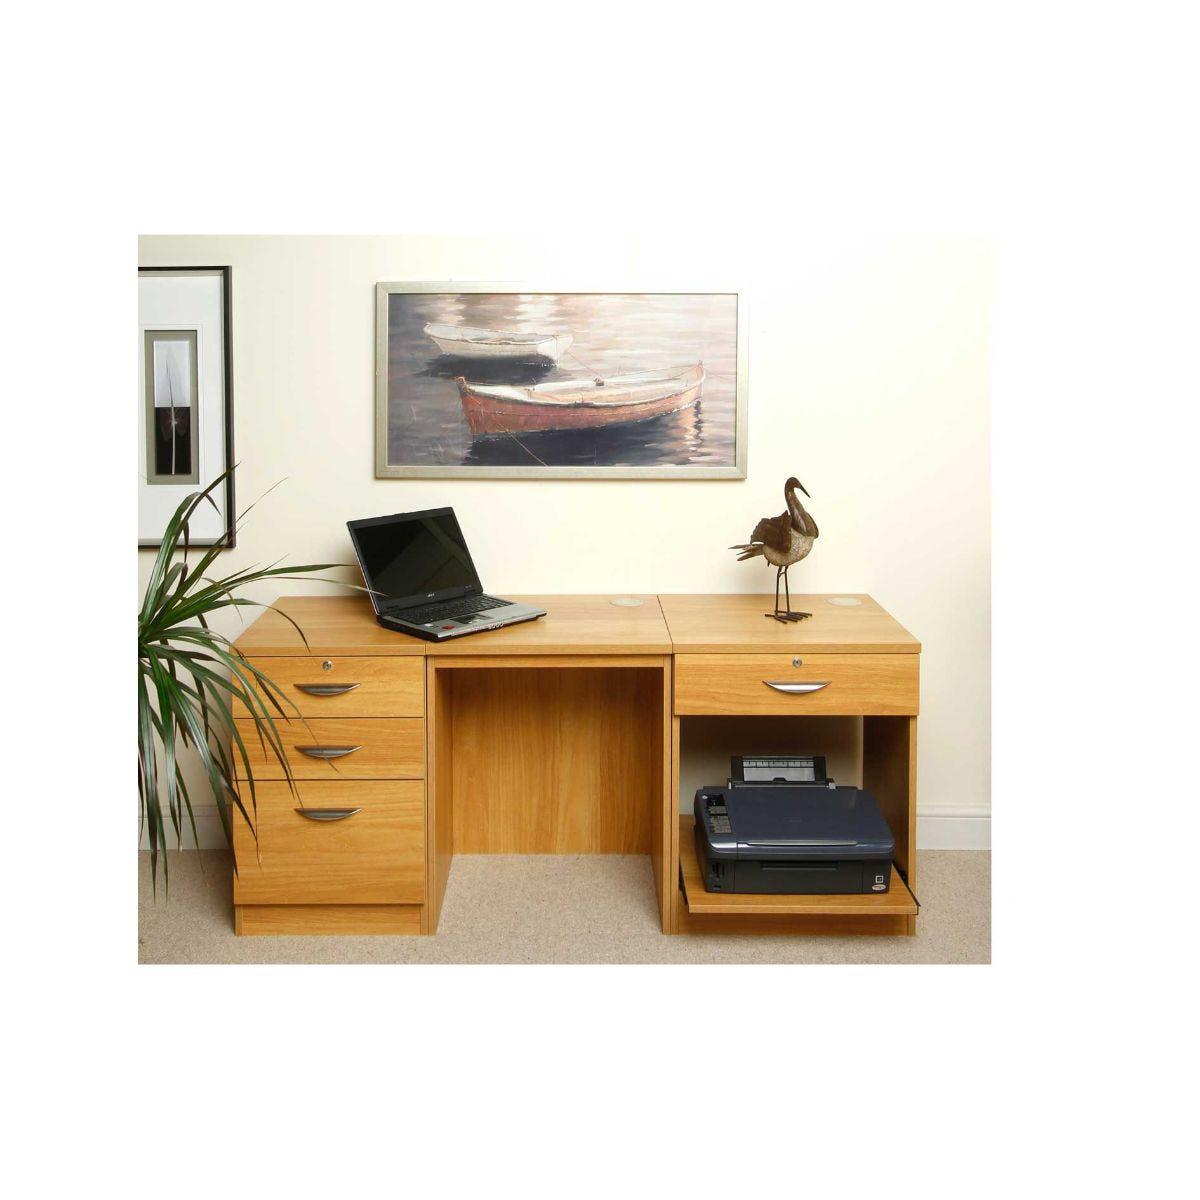 R White Hepworth Desk Workstation, Walnut